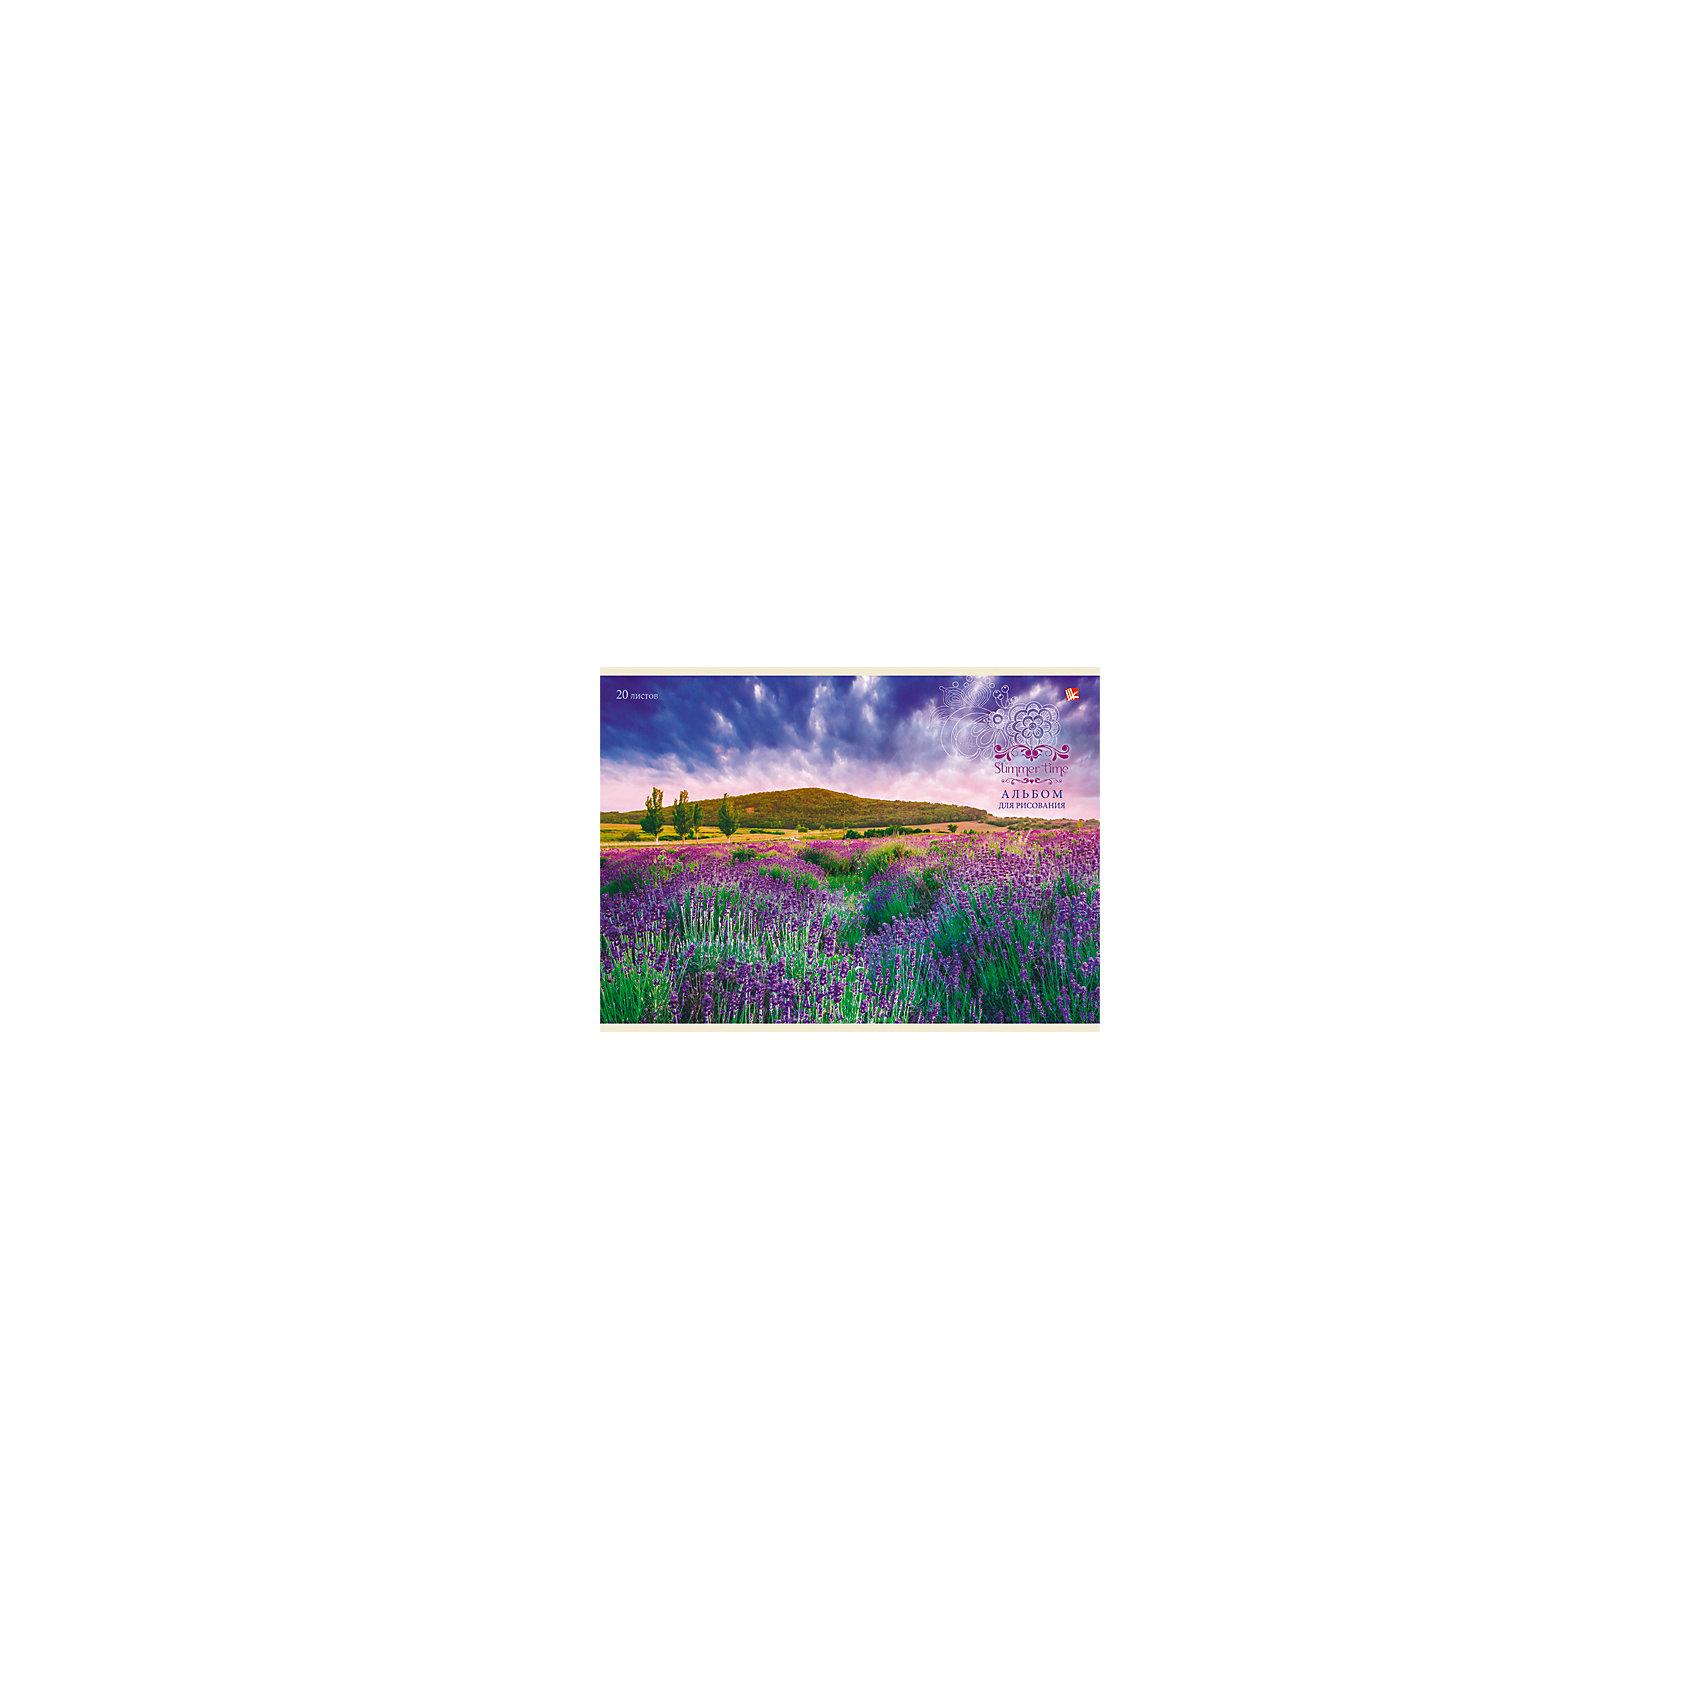 Альбом для рисования Лавандовое поле, 20лАльбом для рисования Лавандовое поле  - незаменимый помощник начинающим художникам. Удобное крепление и плотные страницы превратят процесс рисования в увлекательное и интересное занятие. Художественное творчество развивает внимание, усидчивость и воображение.<br><br>Дополнительная информация:<br>Внутренний блок: офсет 110 г/м2<br>Обложка: мелованный картон.<br>Количество листов: 20<br>Формат: А4<br>Крепление: склейка<br>Альбом для рисования Лавандовое поле вы можете приобрести в нашем интернет-магазине.<br><br>Ширина мм: 210<br>Глубина мм: 297<br>Высота мм: 8<br>Вес г: 147<br>Возраст от месяцев: 72<br>Возраст до месяцев: 144<br>Пол: Унисекс<br>Возраст: Детский<br>SKU: 4942430